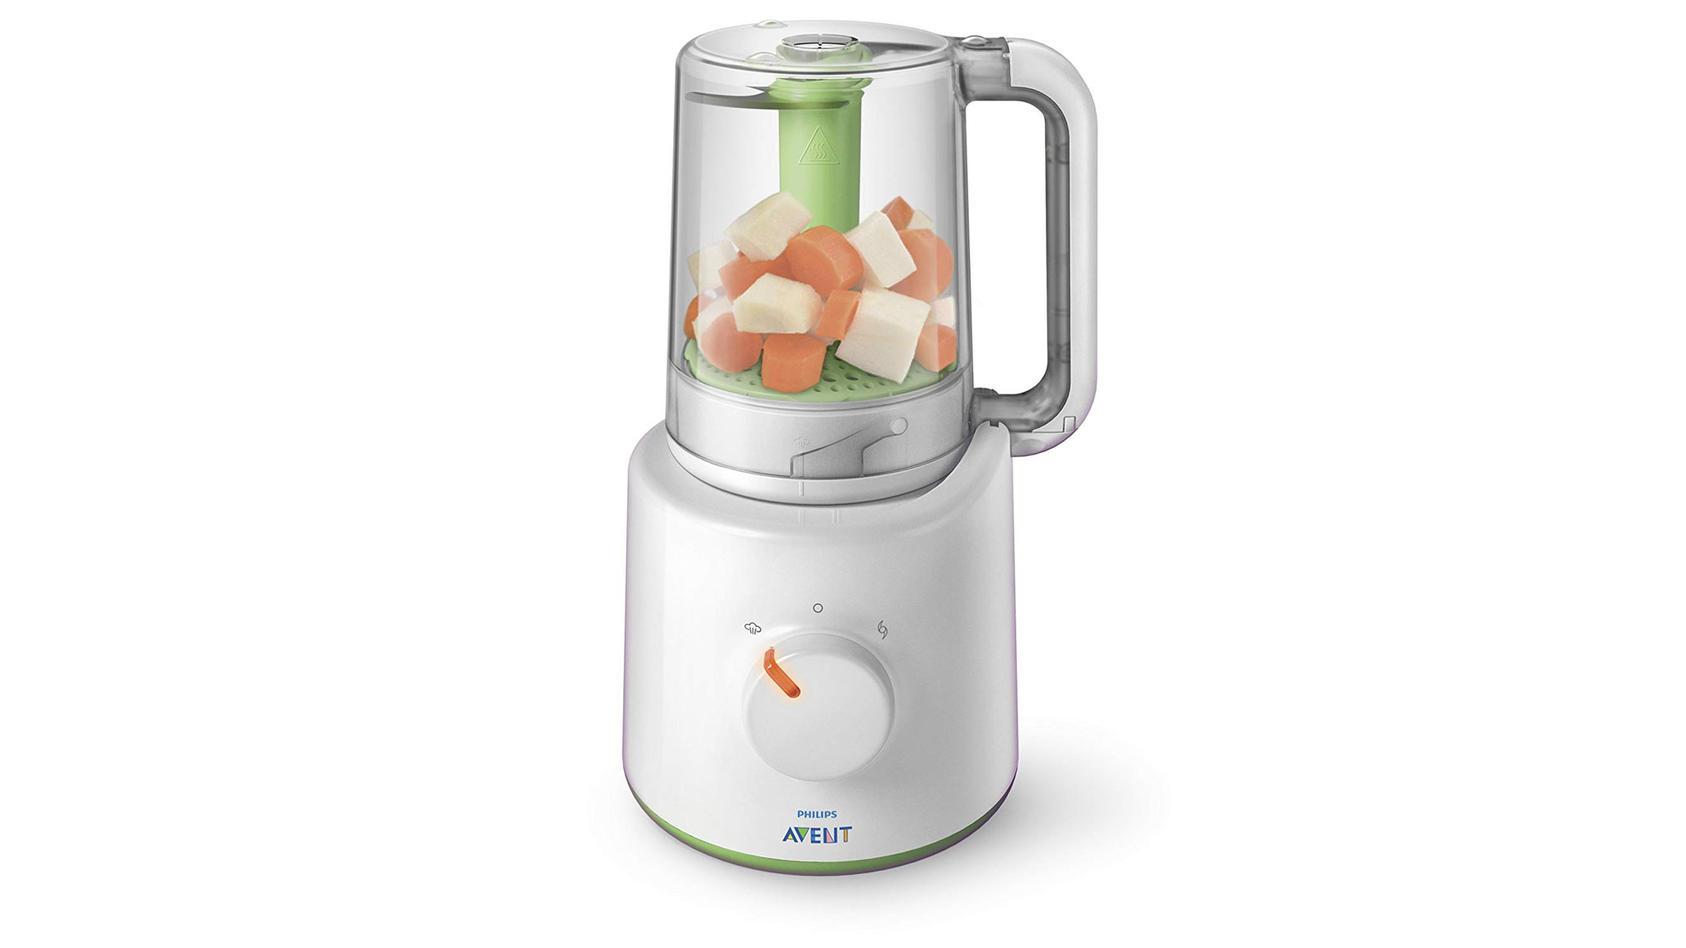 Philips Avent 2-in-1-Babynahrungszubereiter jetzt günstig bei Amazon!